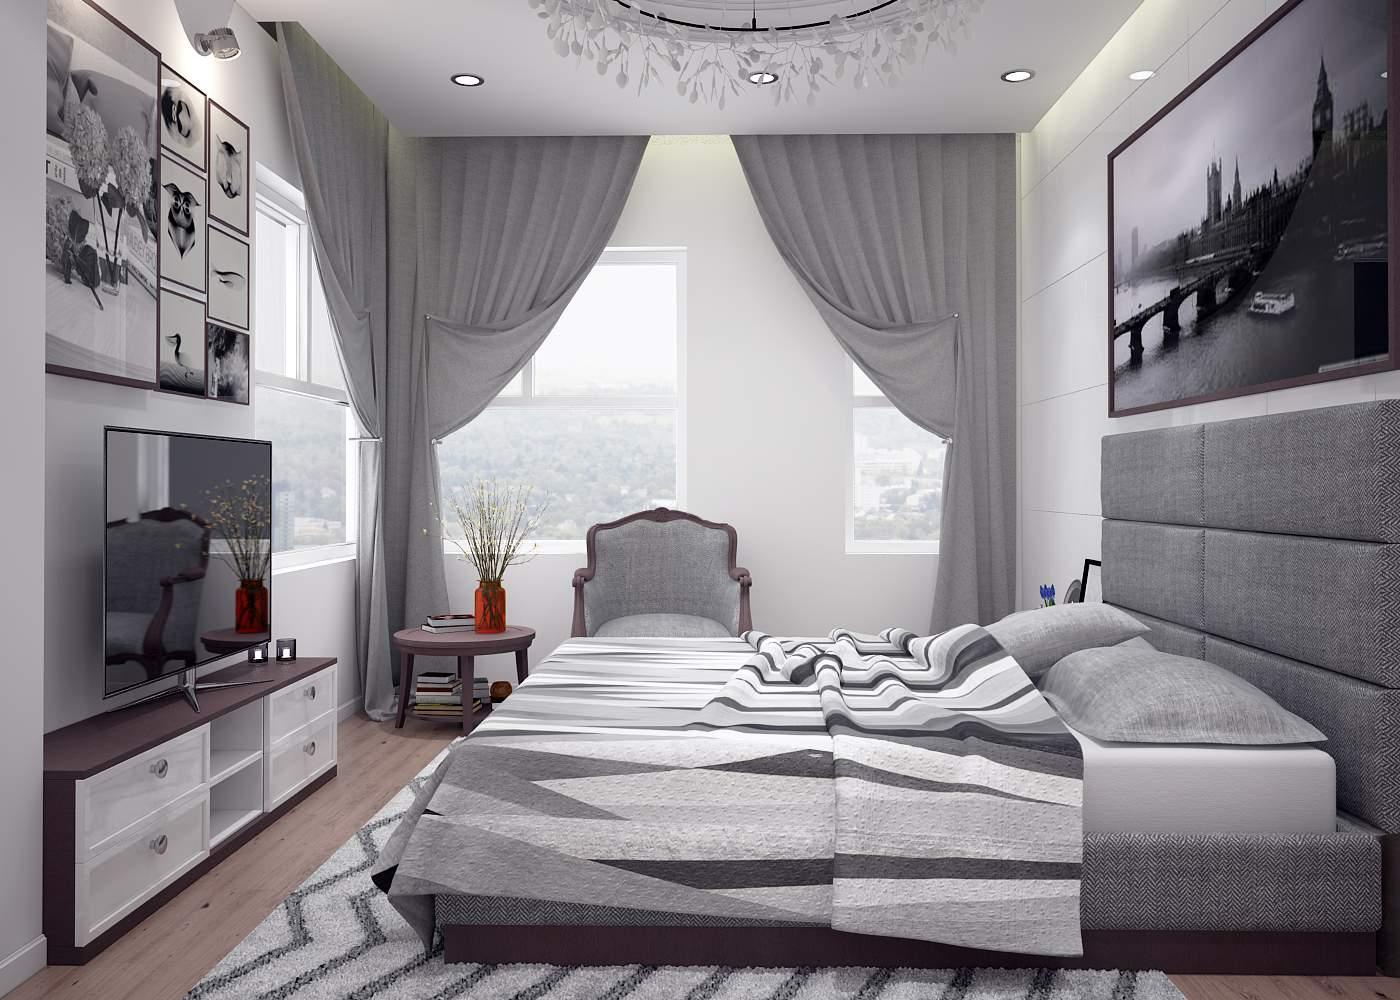 Nội thất phòng ngủ đẹp, tiện nghi